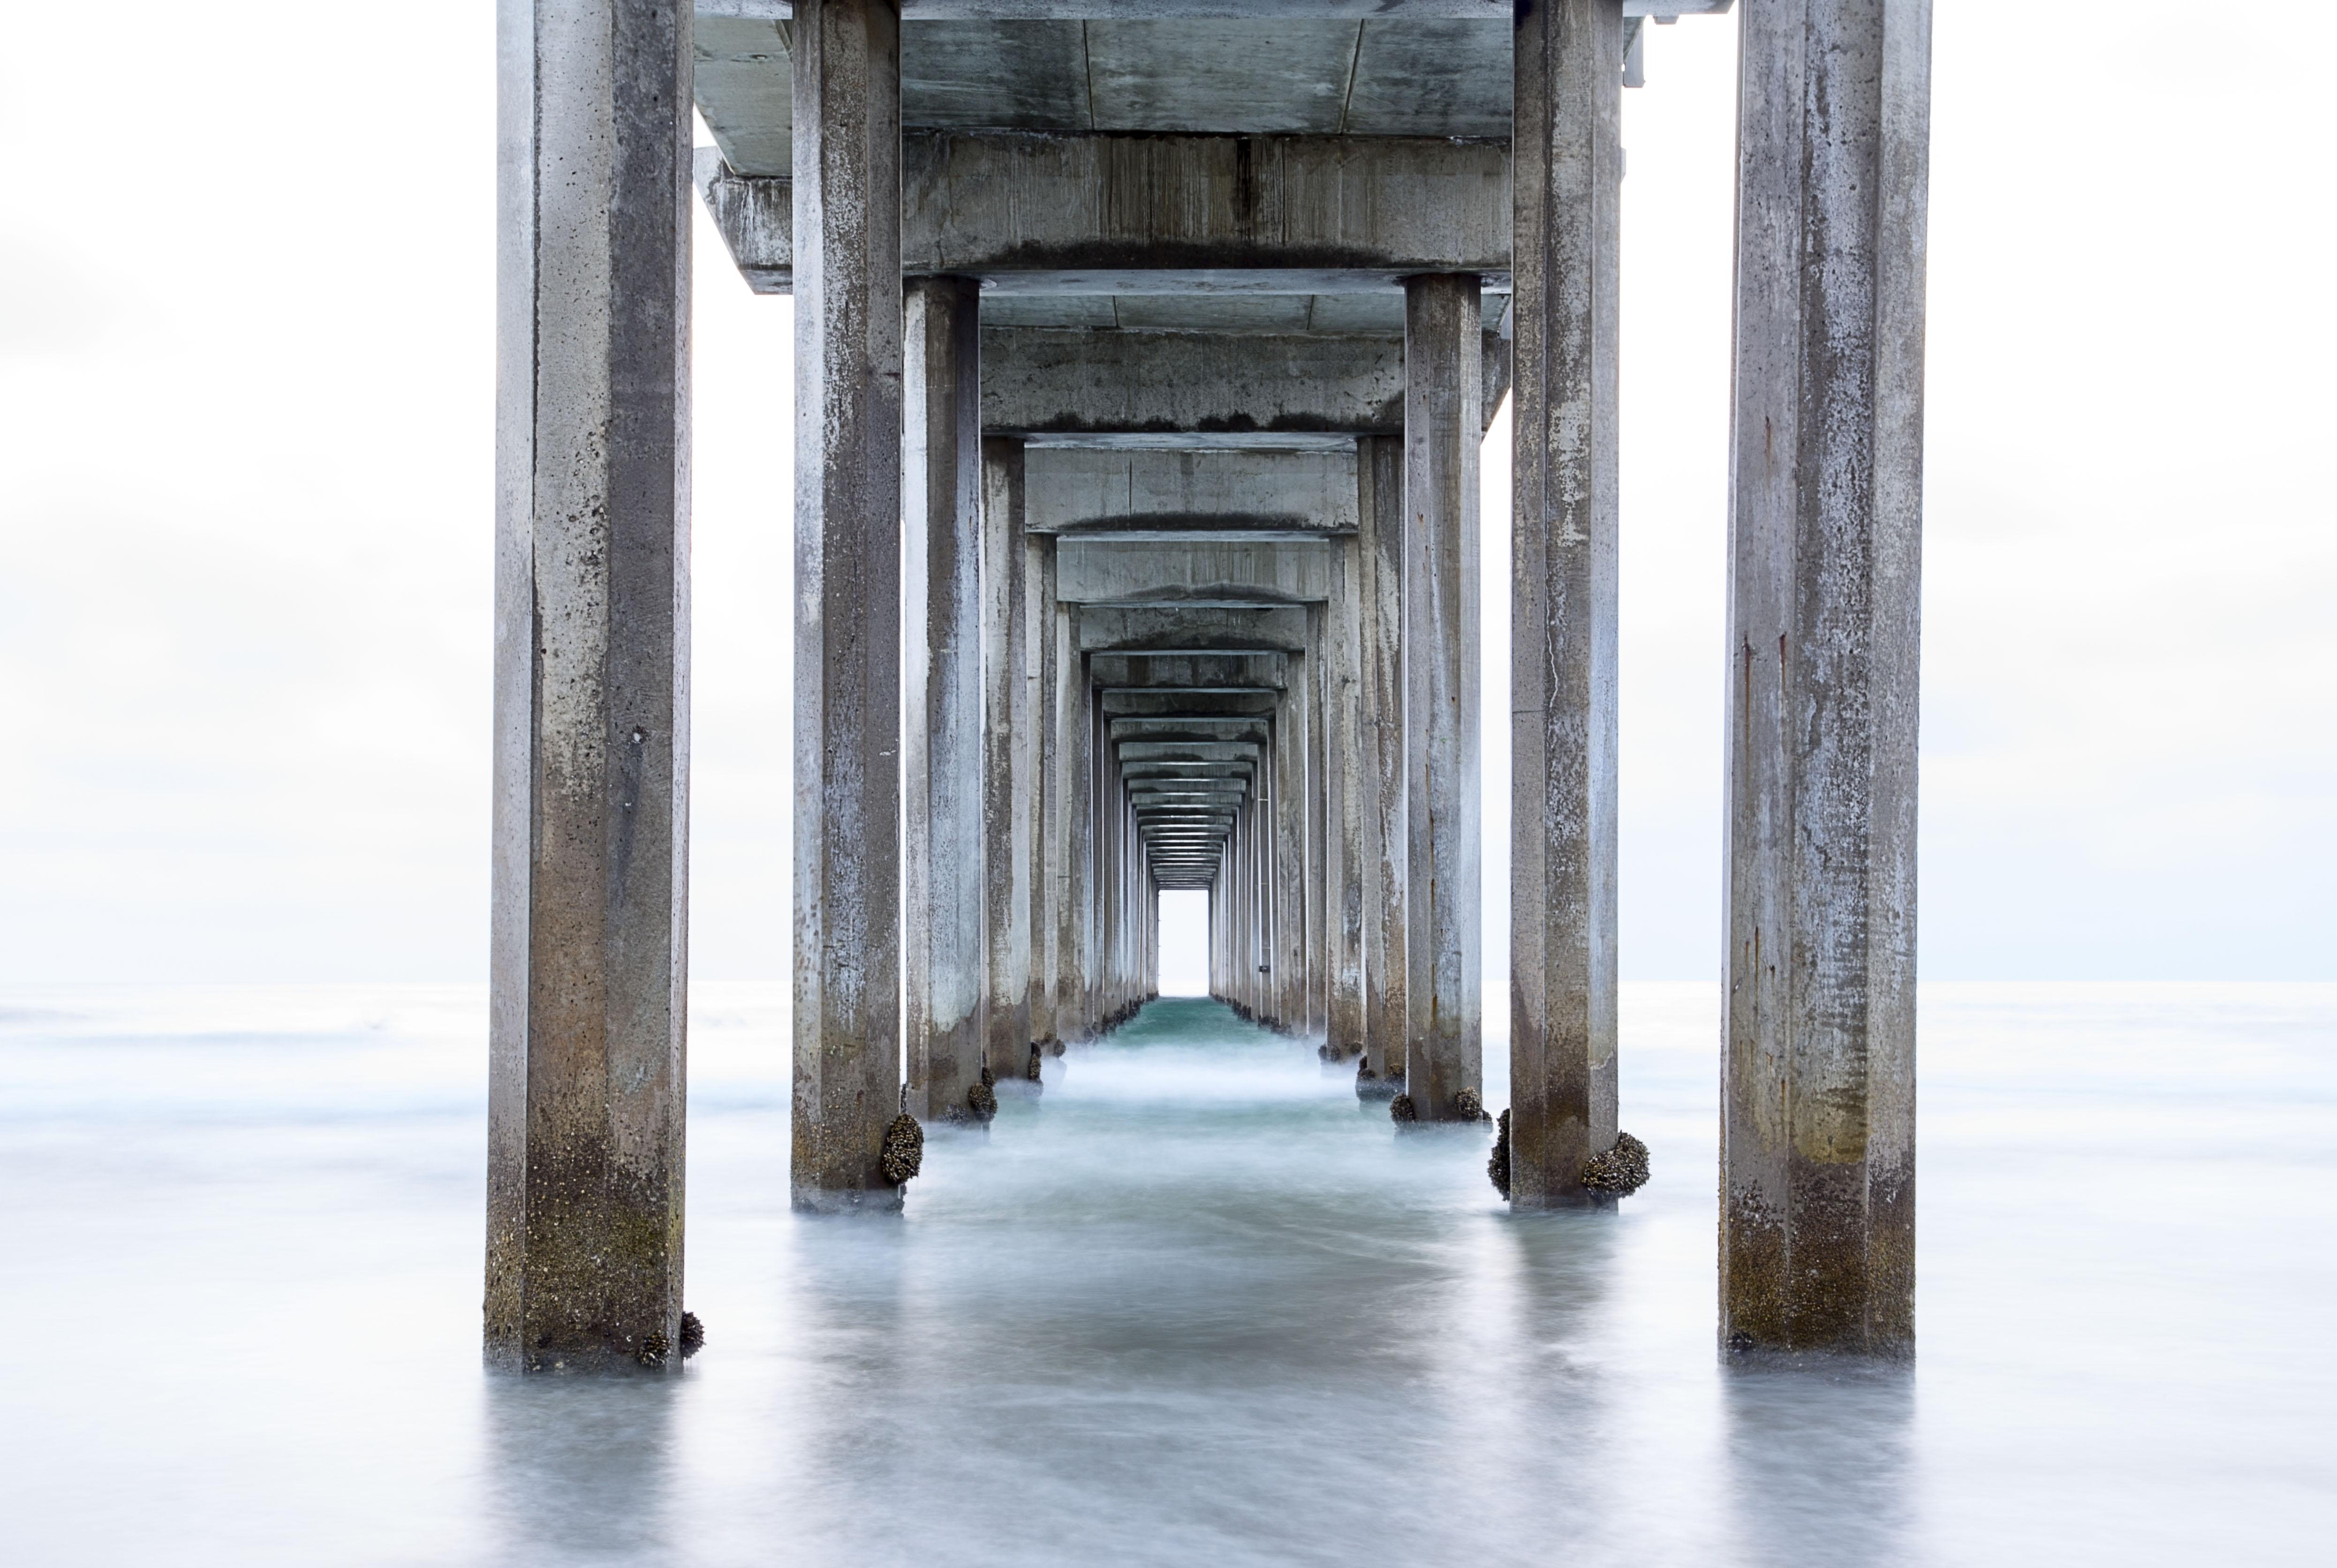 Under the Scrips Pier